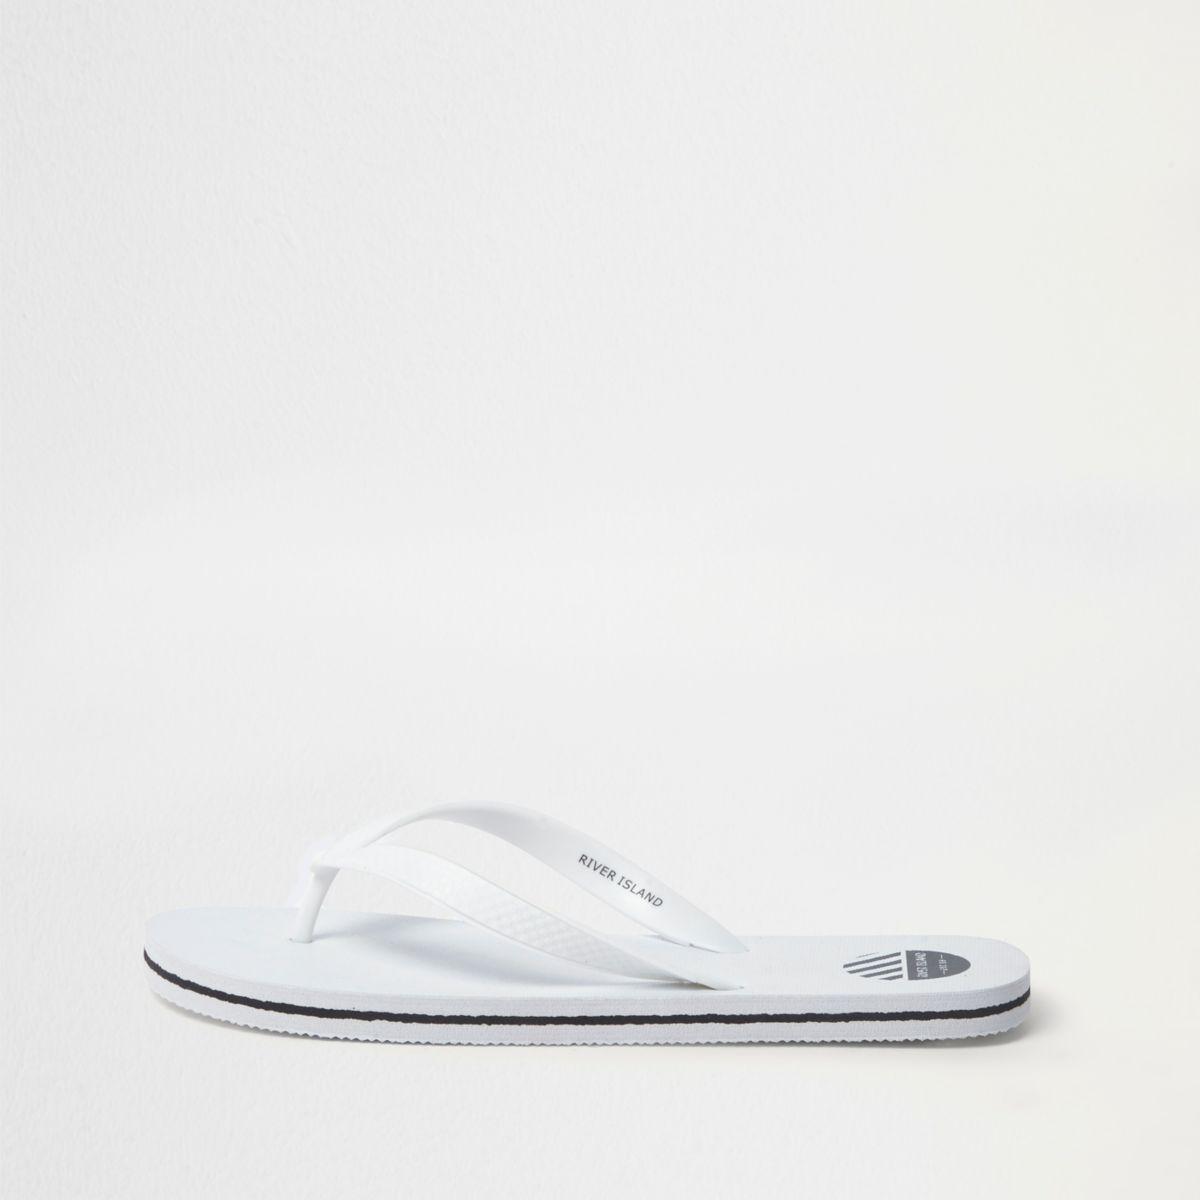 White textured flip flops